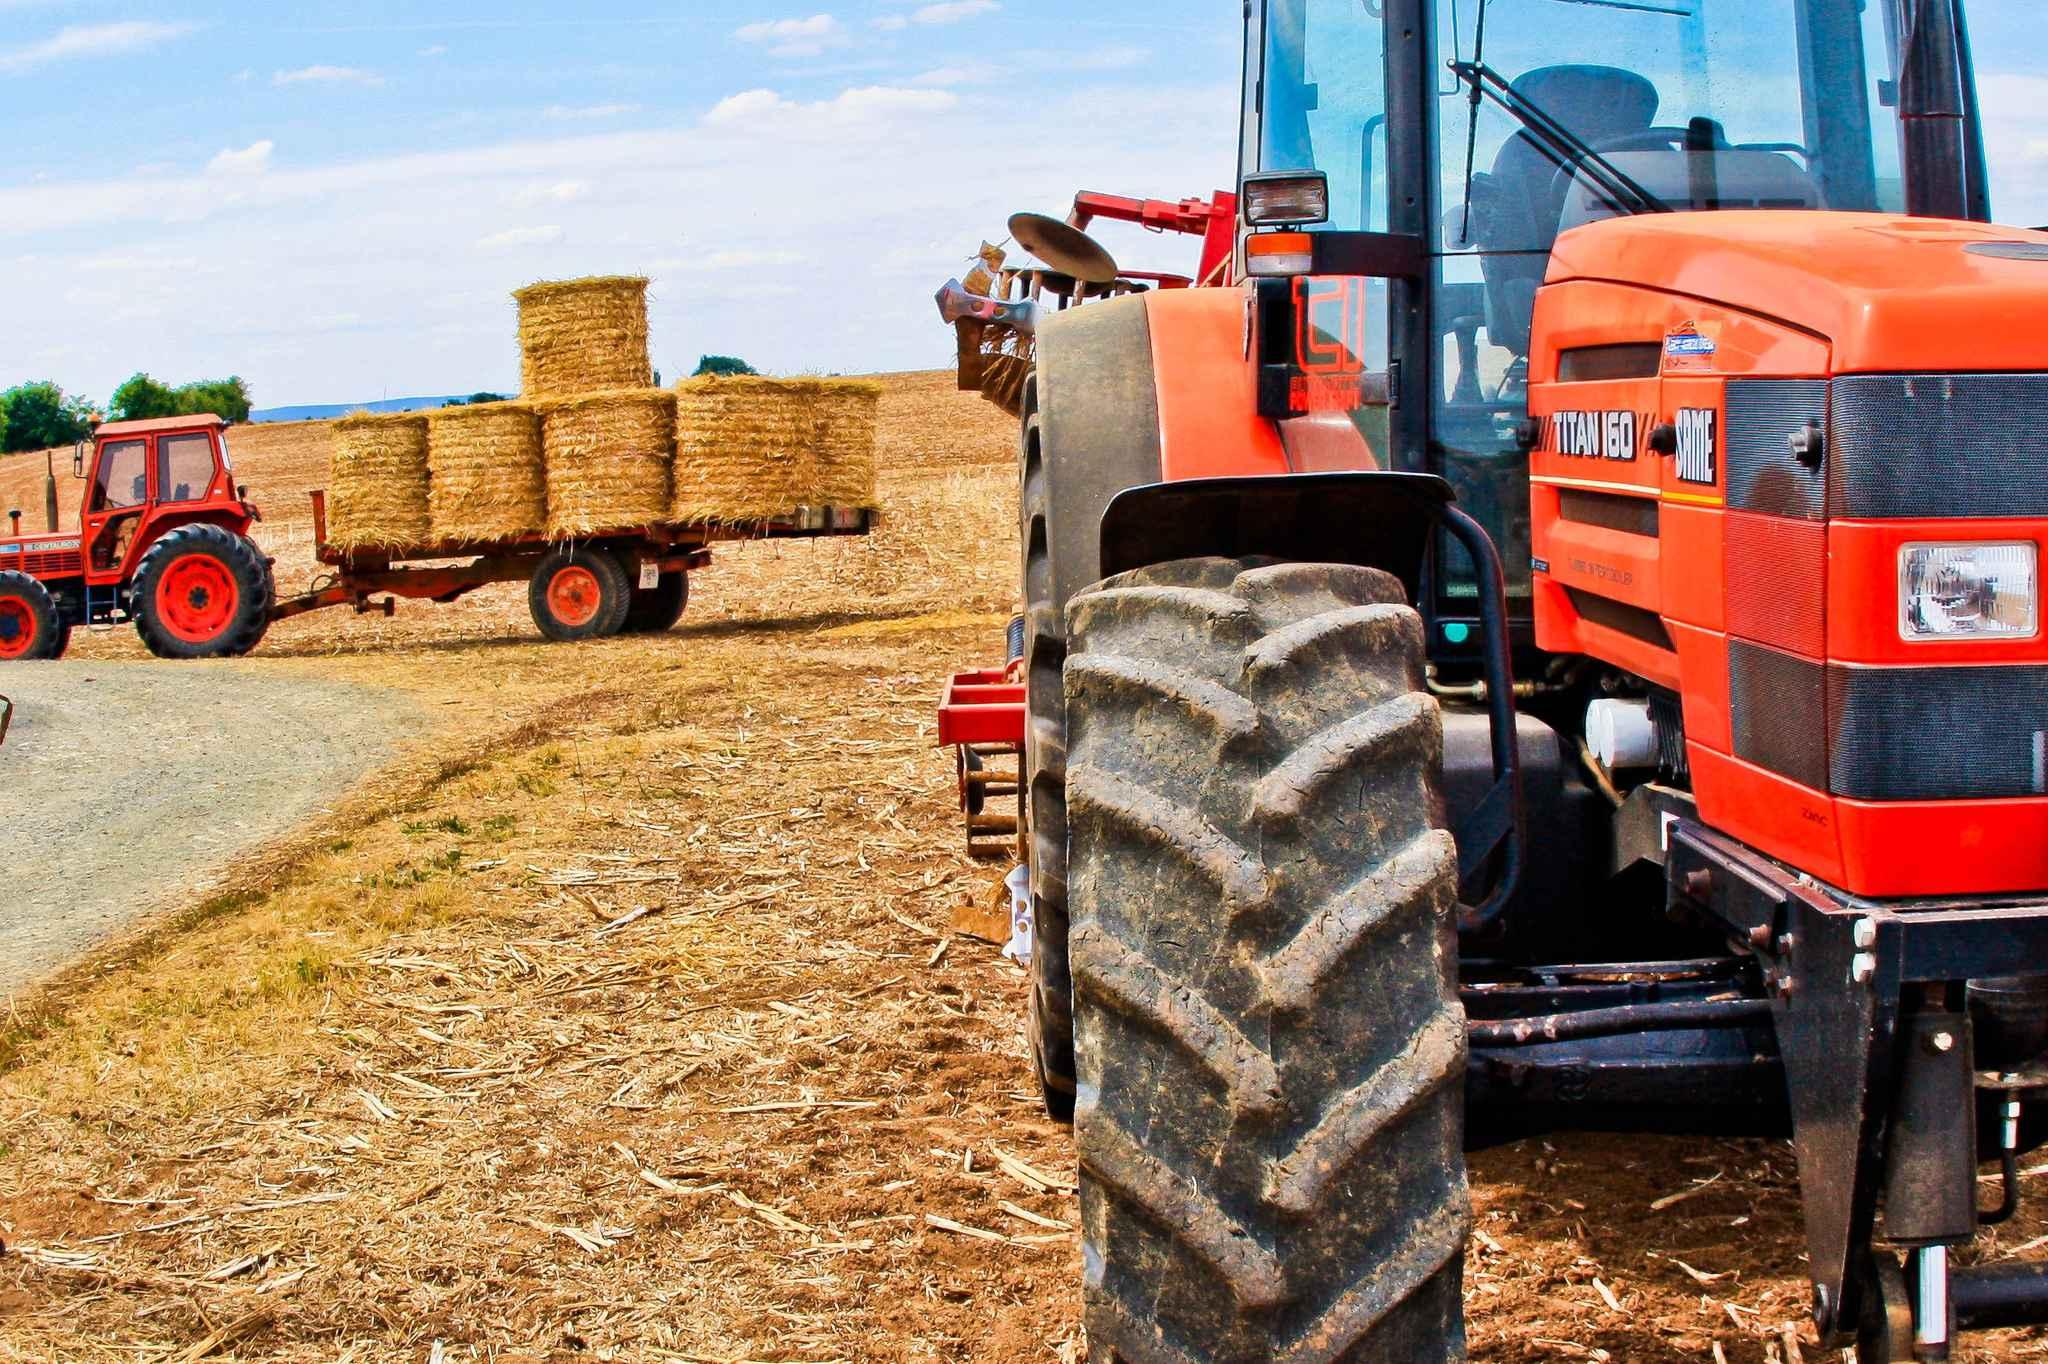 Tarn et garonne ivre il va chercher un tracteur apr s - Salon de l agriculture machine agricole ...